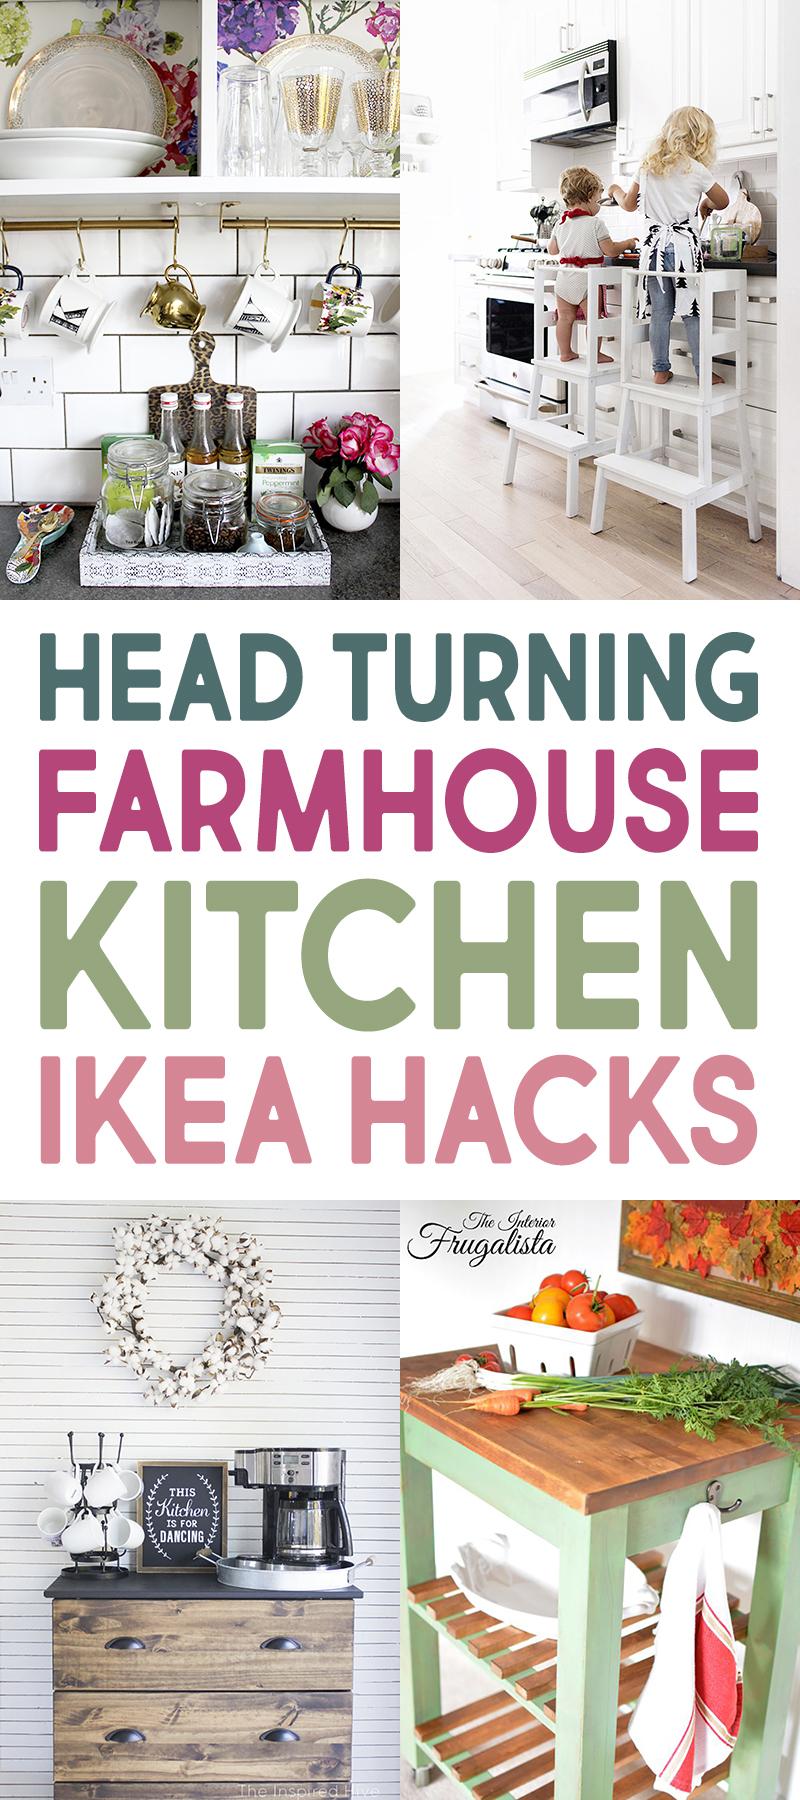 Head Turning Farmhouse Kitchen IKEA Hacks